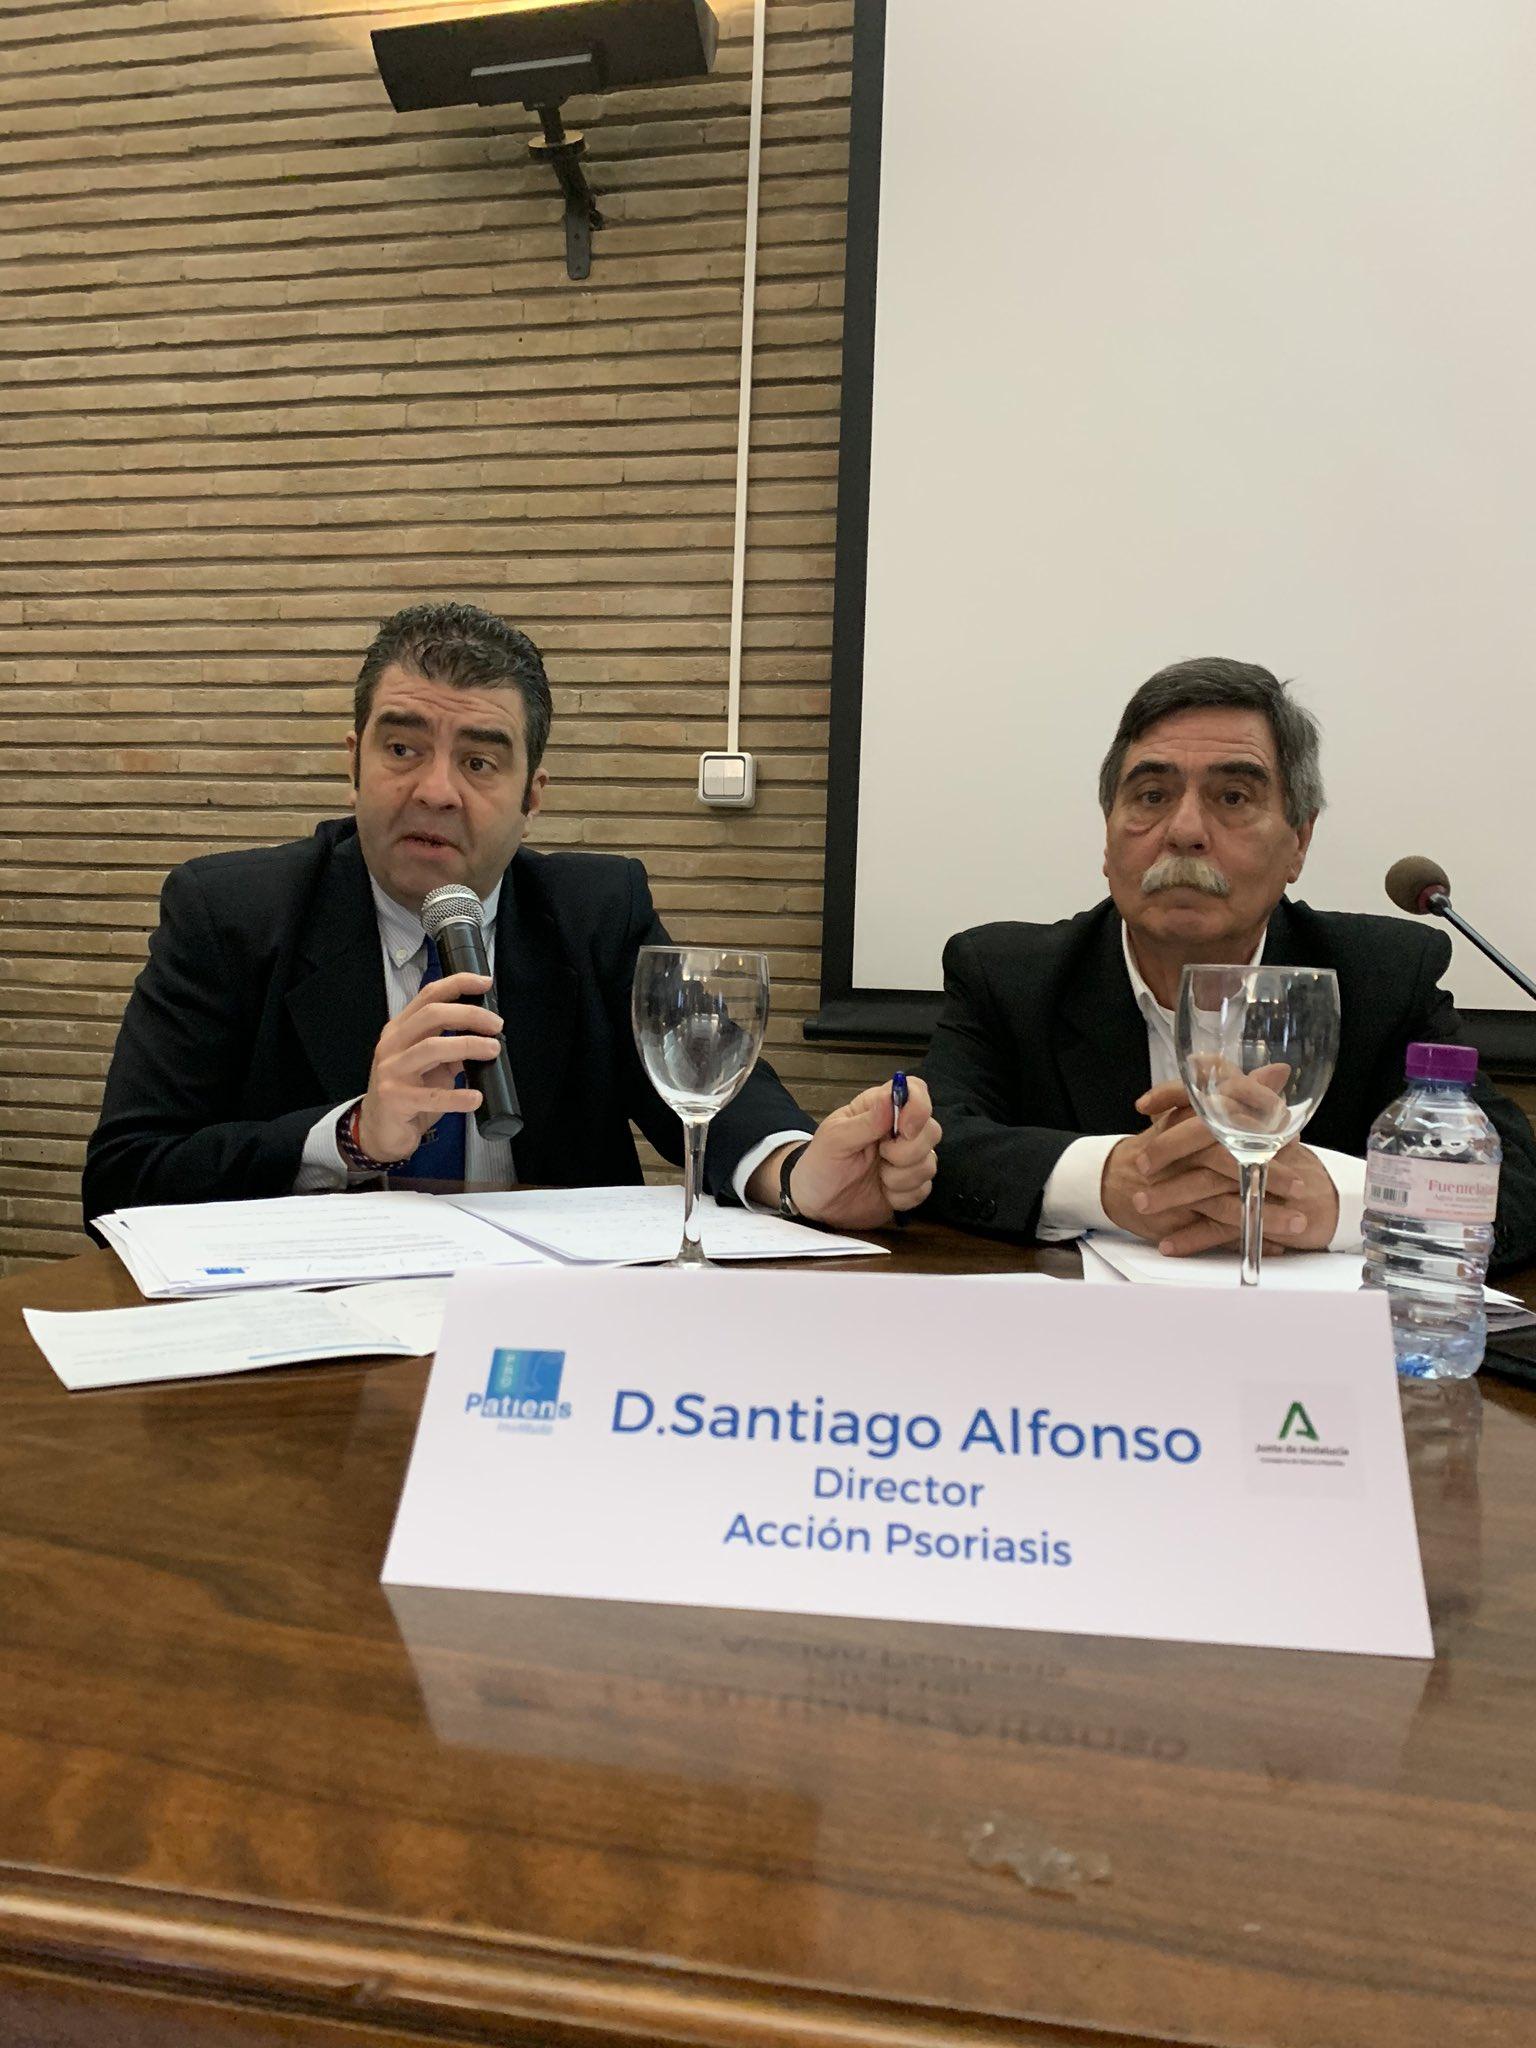 """SANTIAGO ALFONSO - El Instituto ProPatiens celebra en Sevilla la """"Jornada Medicamento y Sociedad: Las Asociaciones de Pacientes en Andalucía"""""""